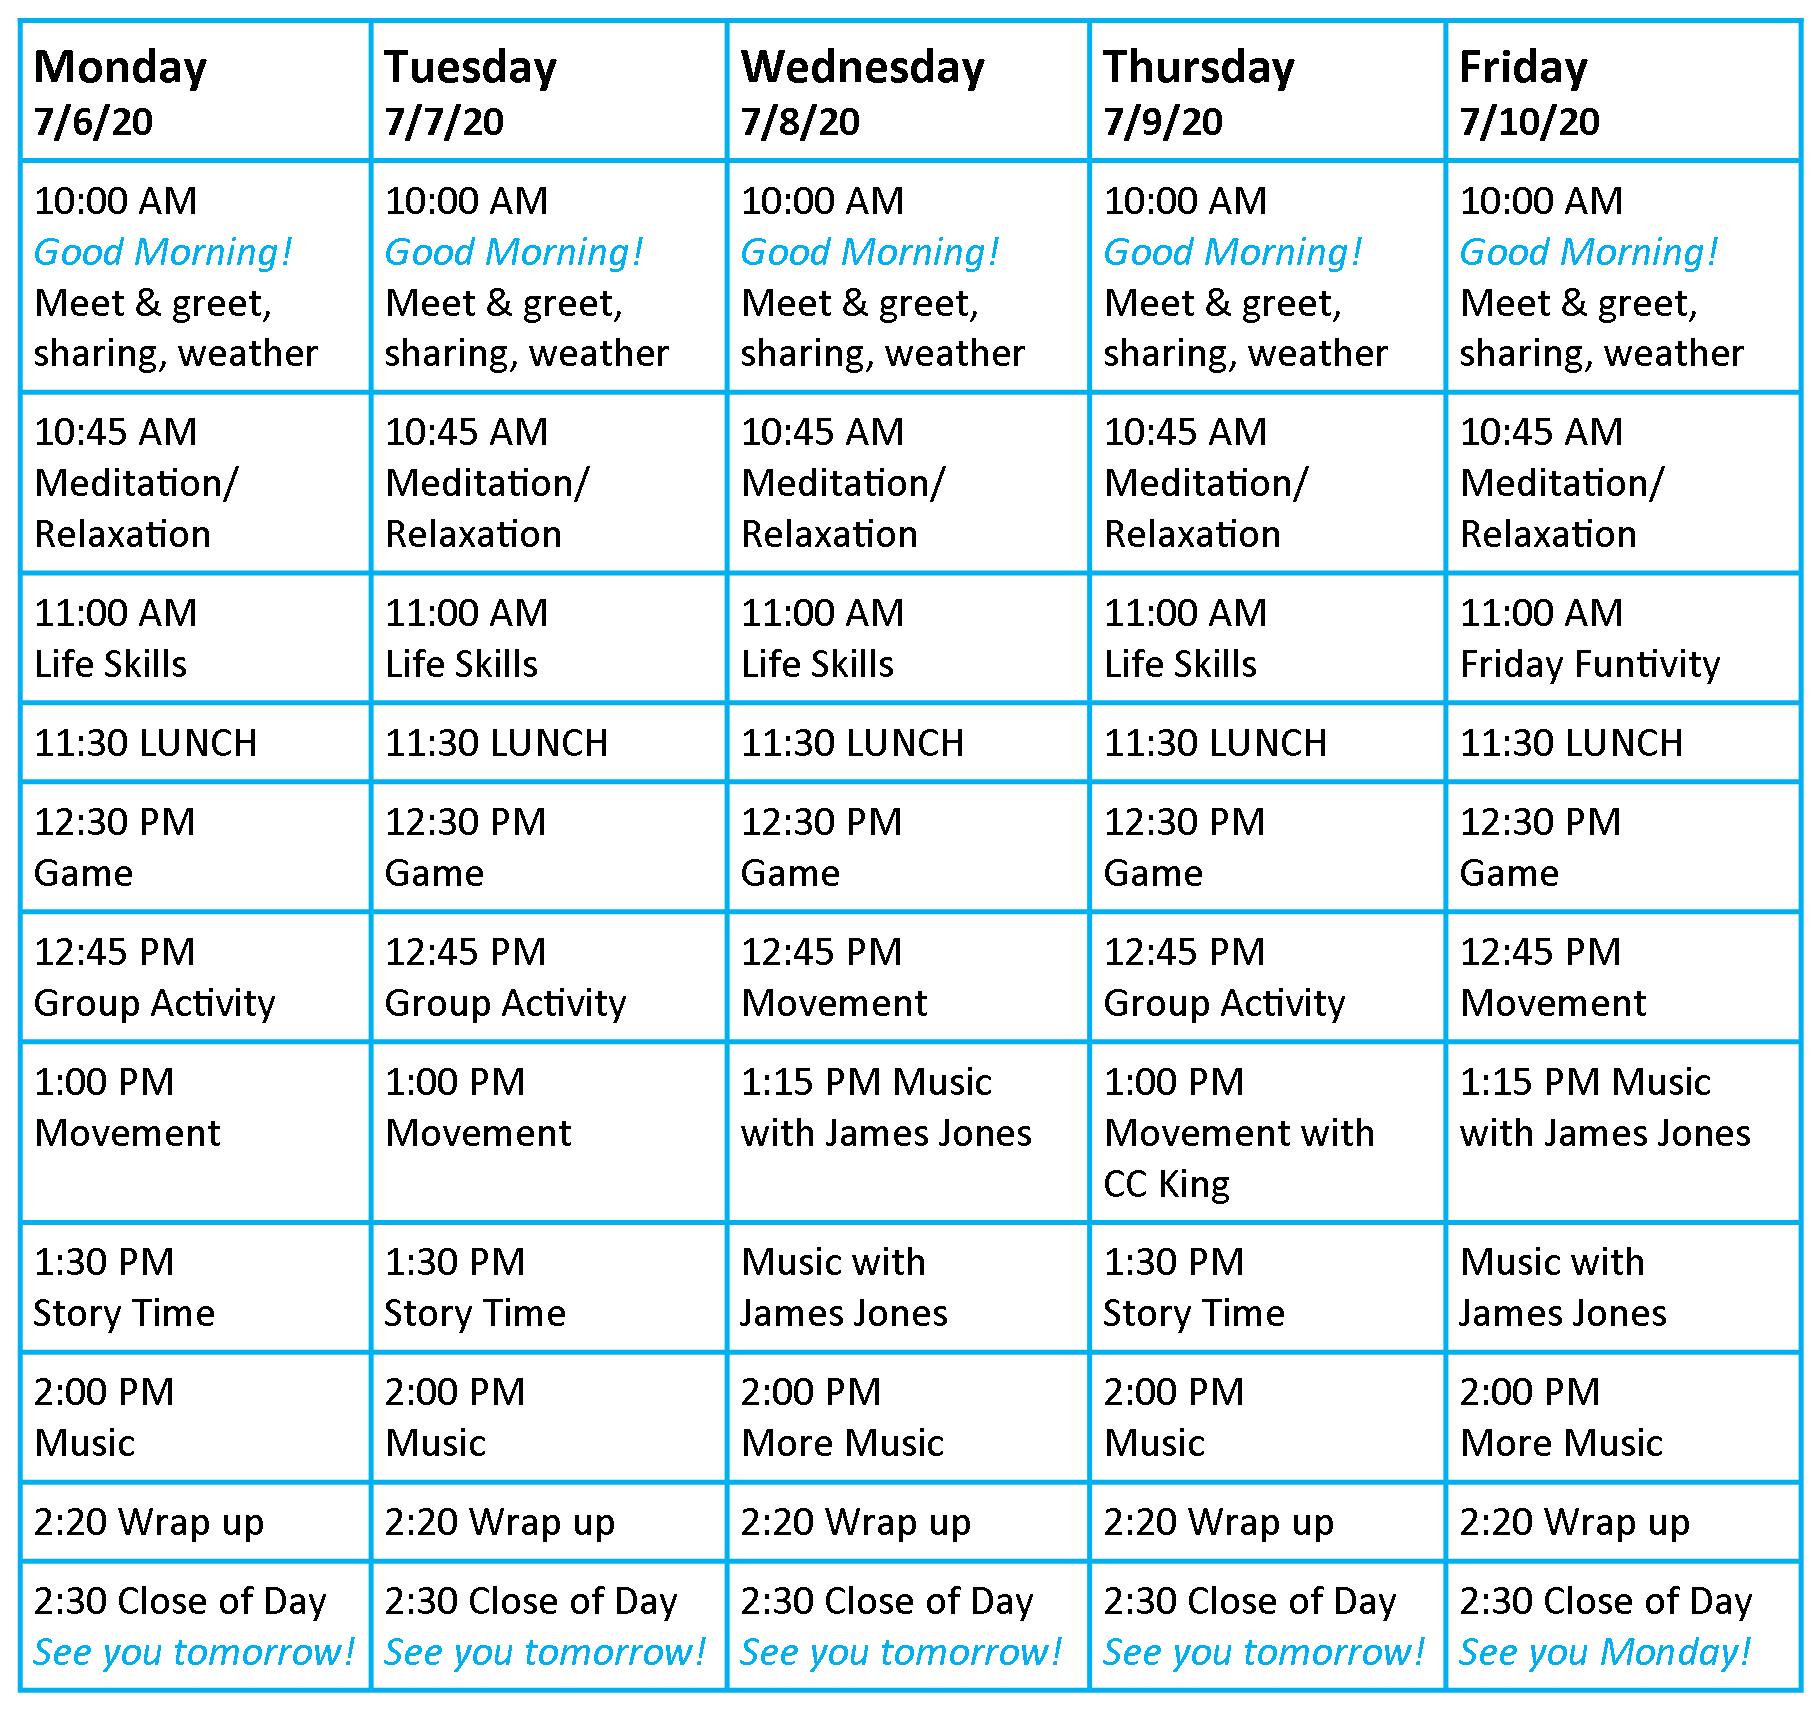 Zoom_Schedule_of_Activities_7-6-20_-_7-10-2020200707131935